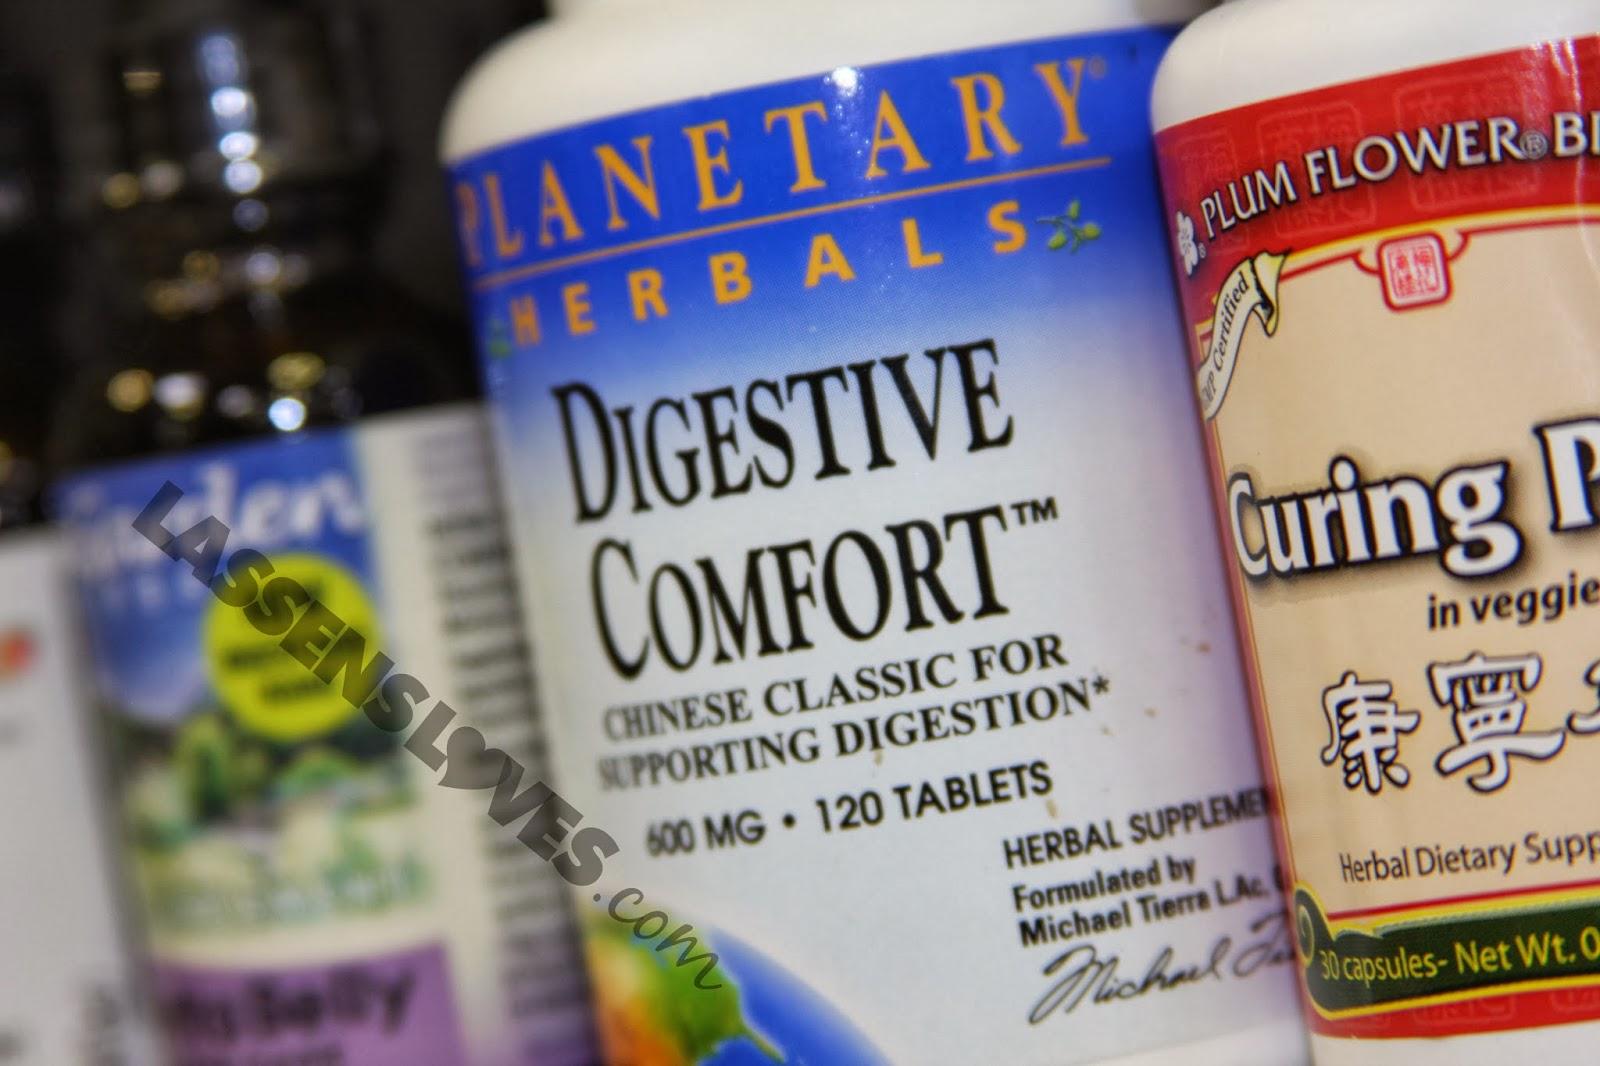 digestive+aids, Digestive+Comfort